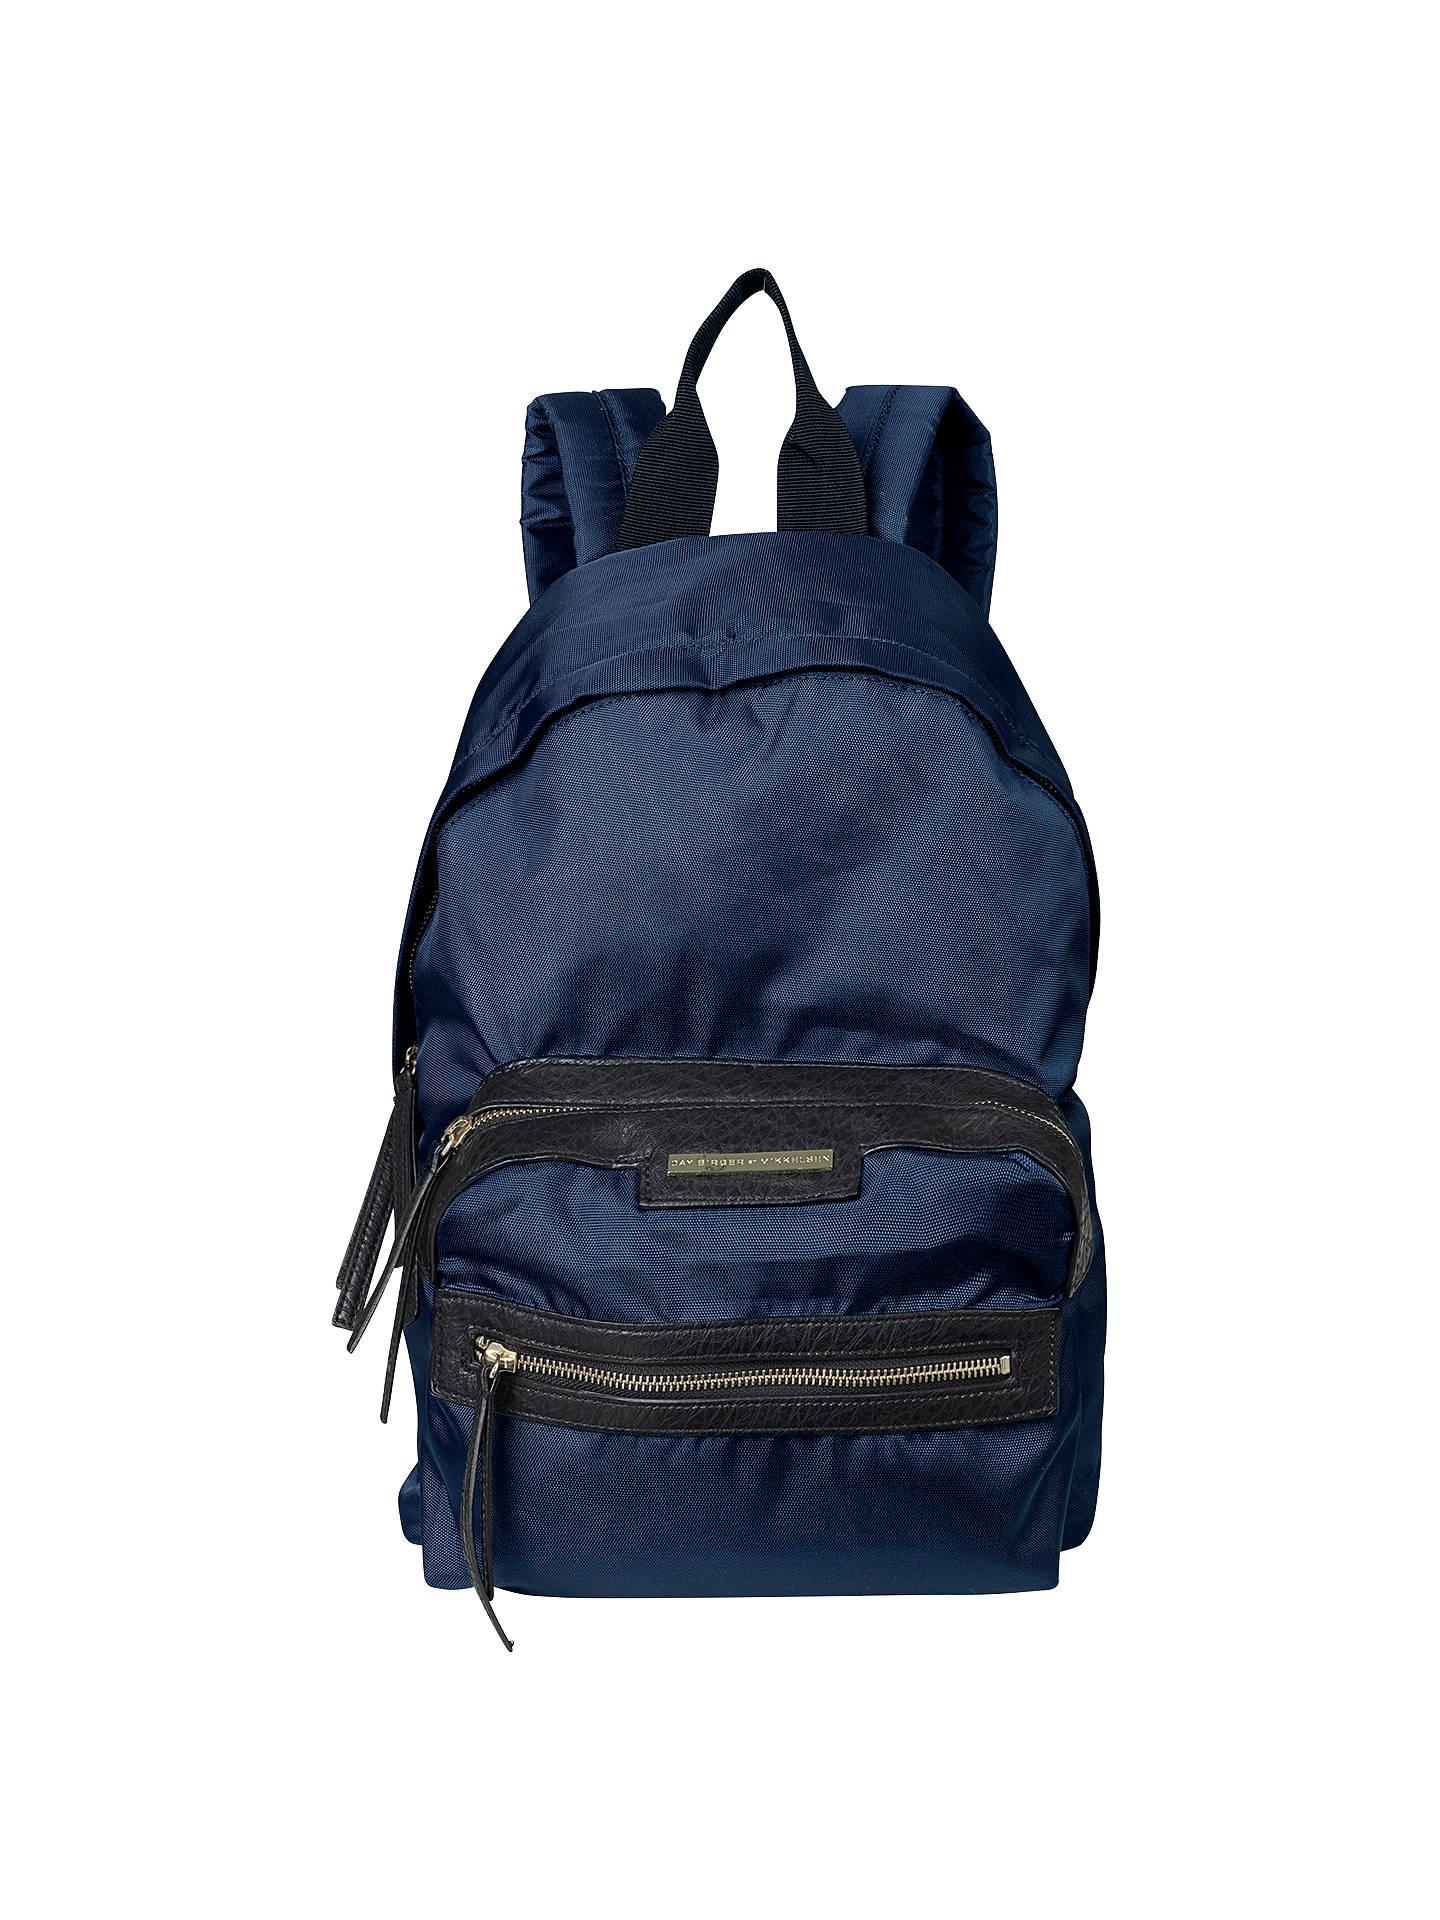 8c68df044690 Buy Et DAY Birger et Mikkelsen Zipper Backpack, Midnight Blue Online at  johnlewis.com ...